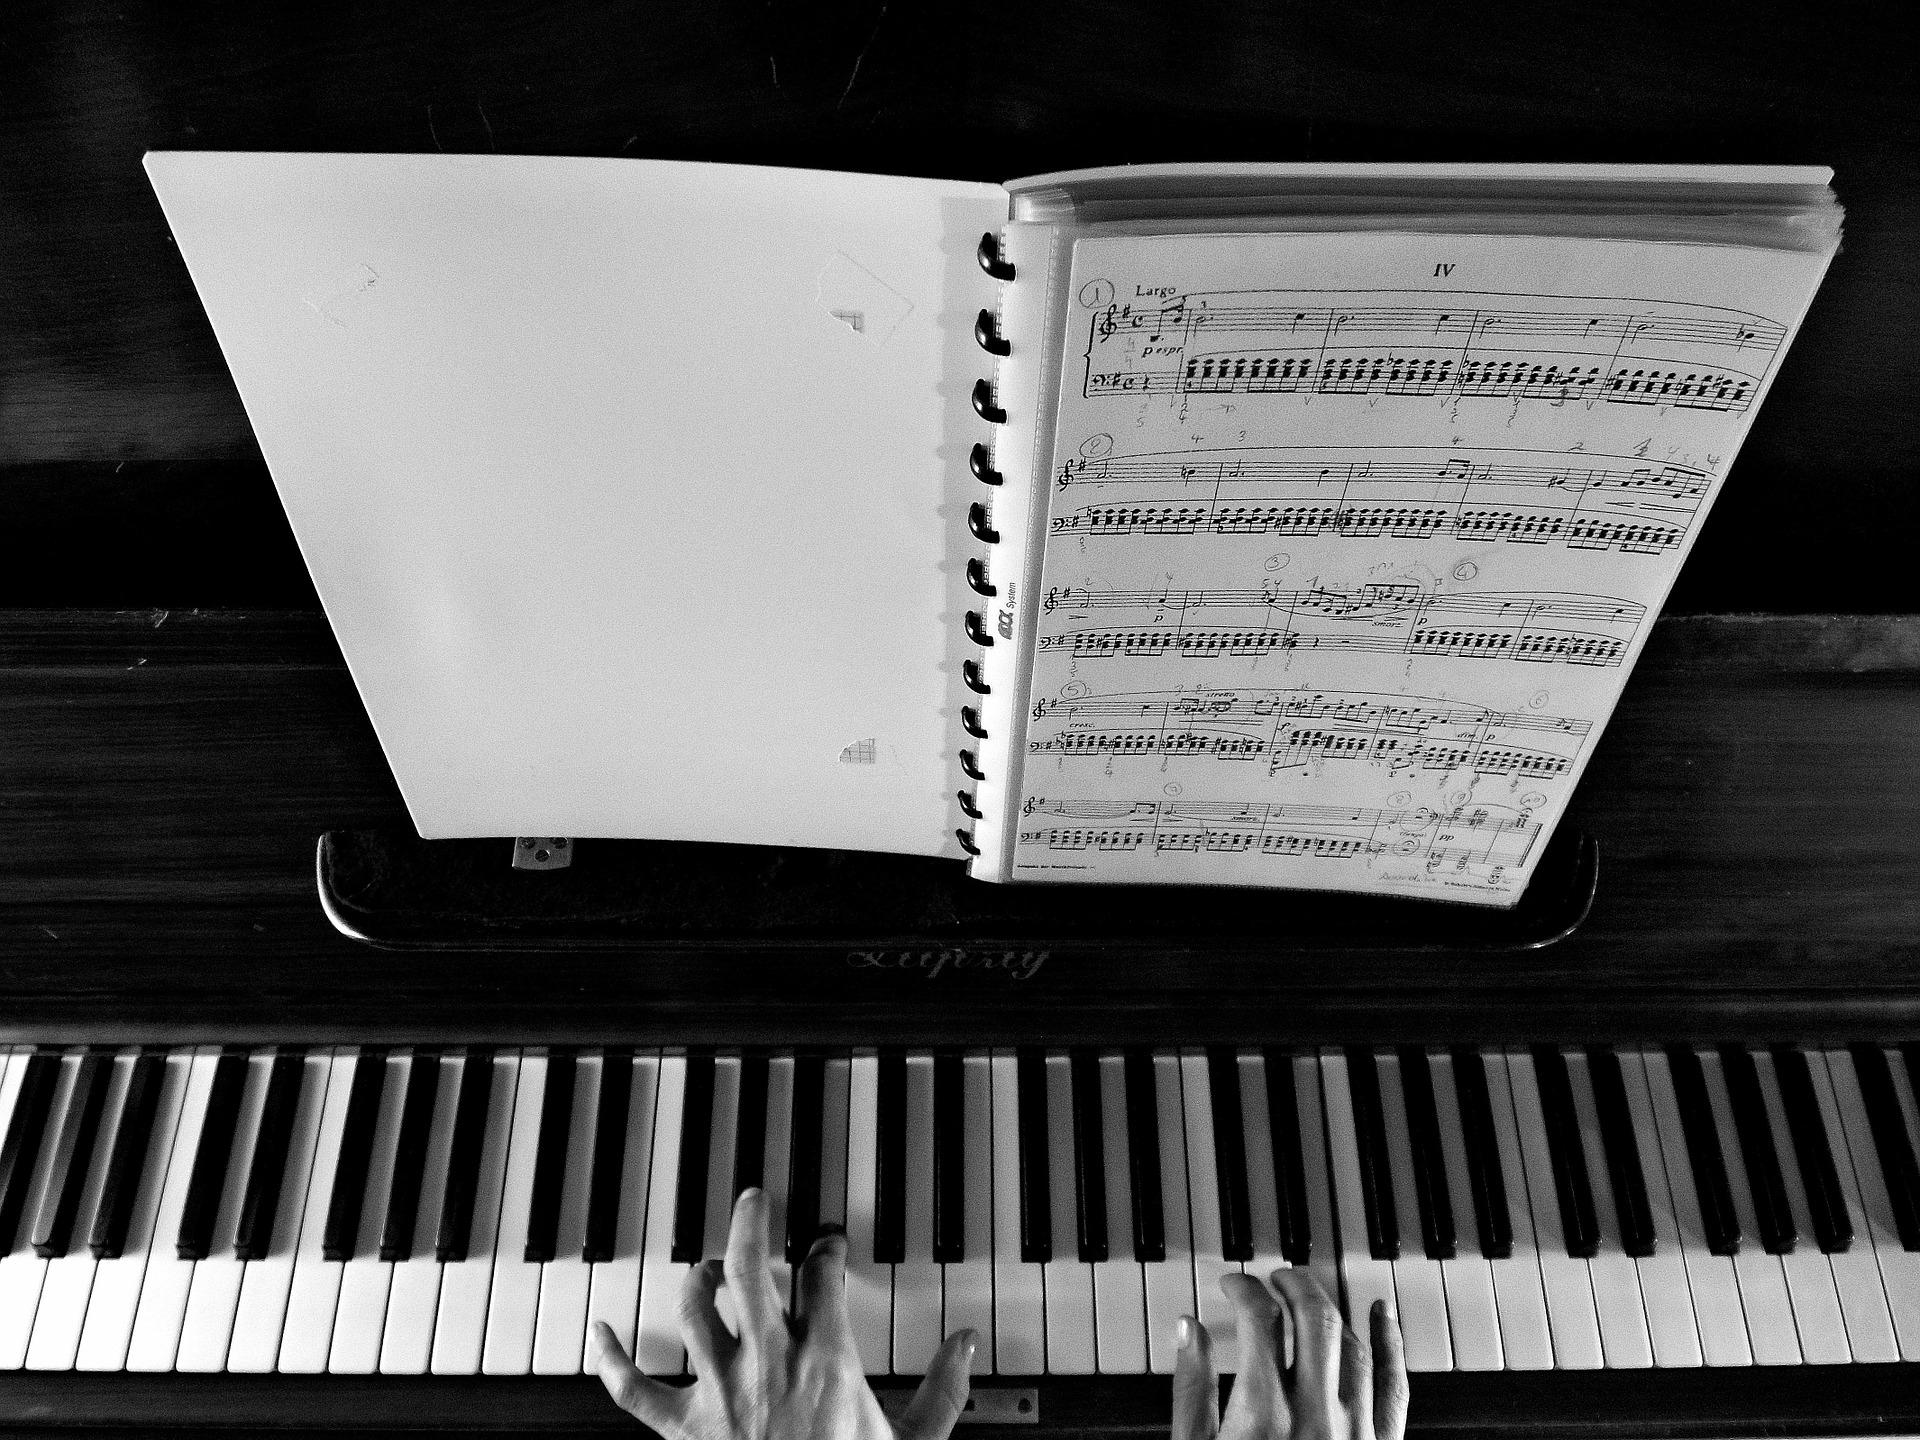 piano-926851_1920